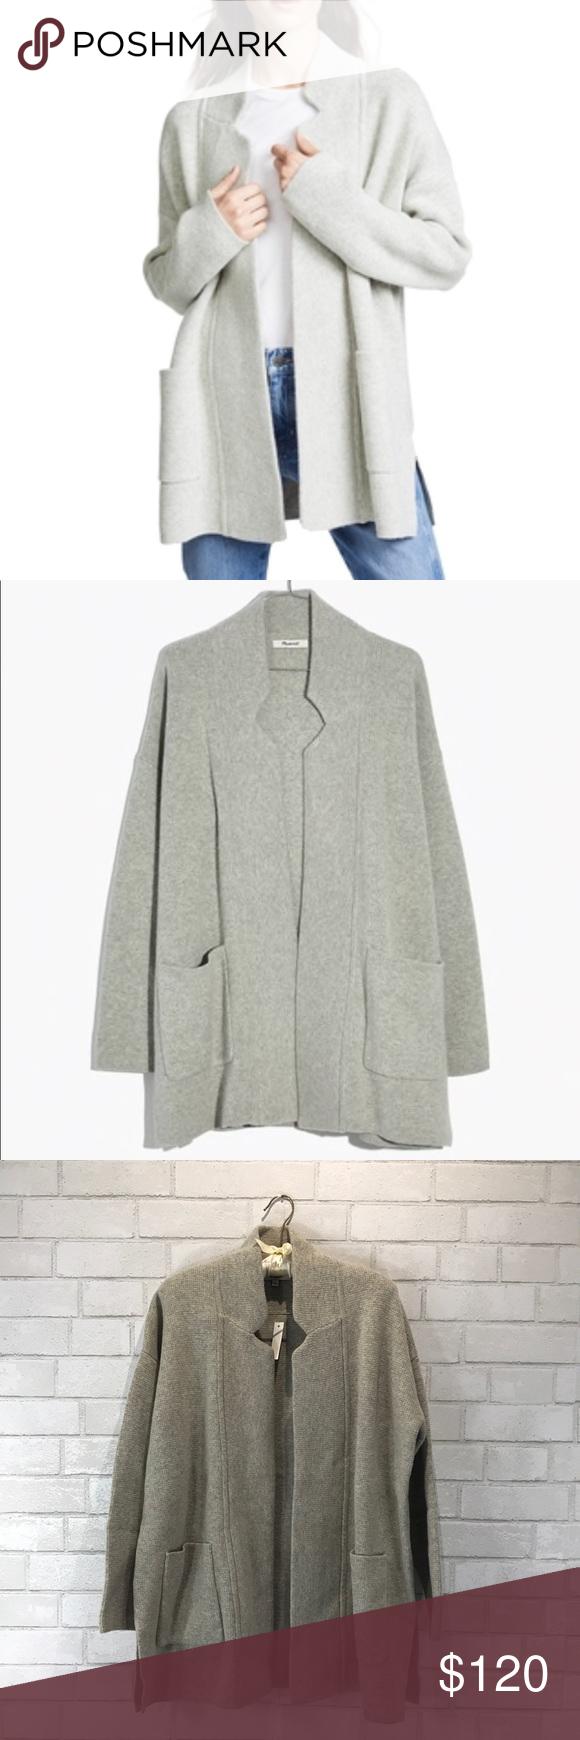 Nwt Madewell Gray Merino Wool Spencer Sweater Coat Nwt My Posh